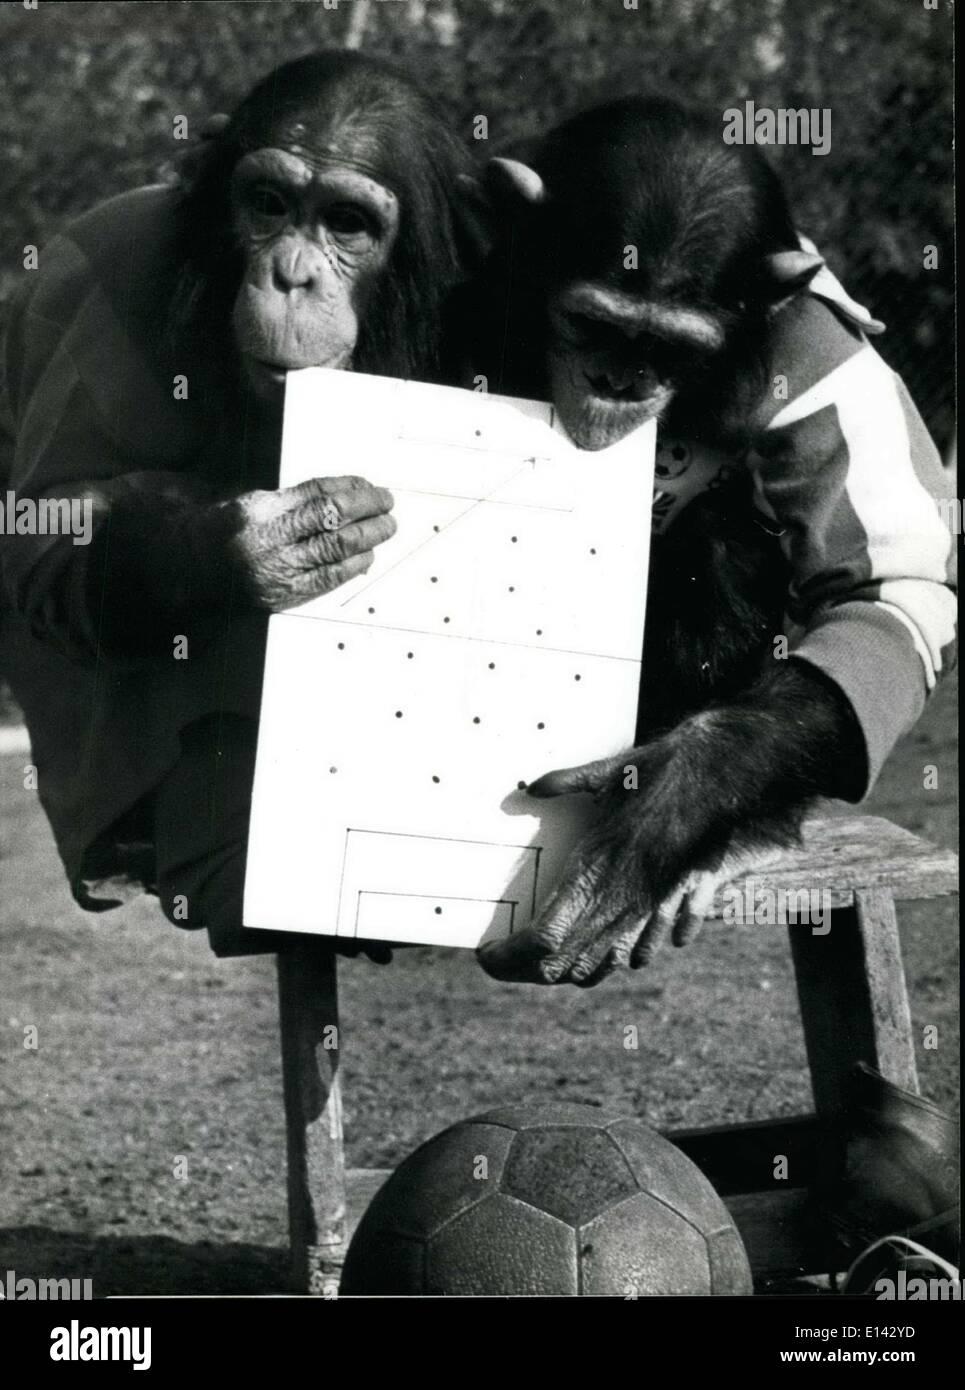 31 mars 2012 - La Coupe du monde n'est plus de combat, non pour les chimpanzés: Monkey Business sur caries football, Banque D'Images